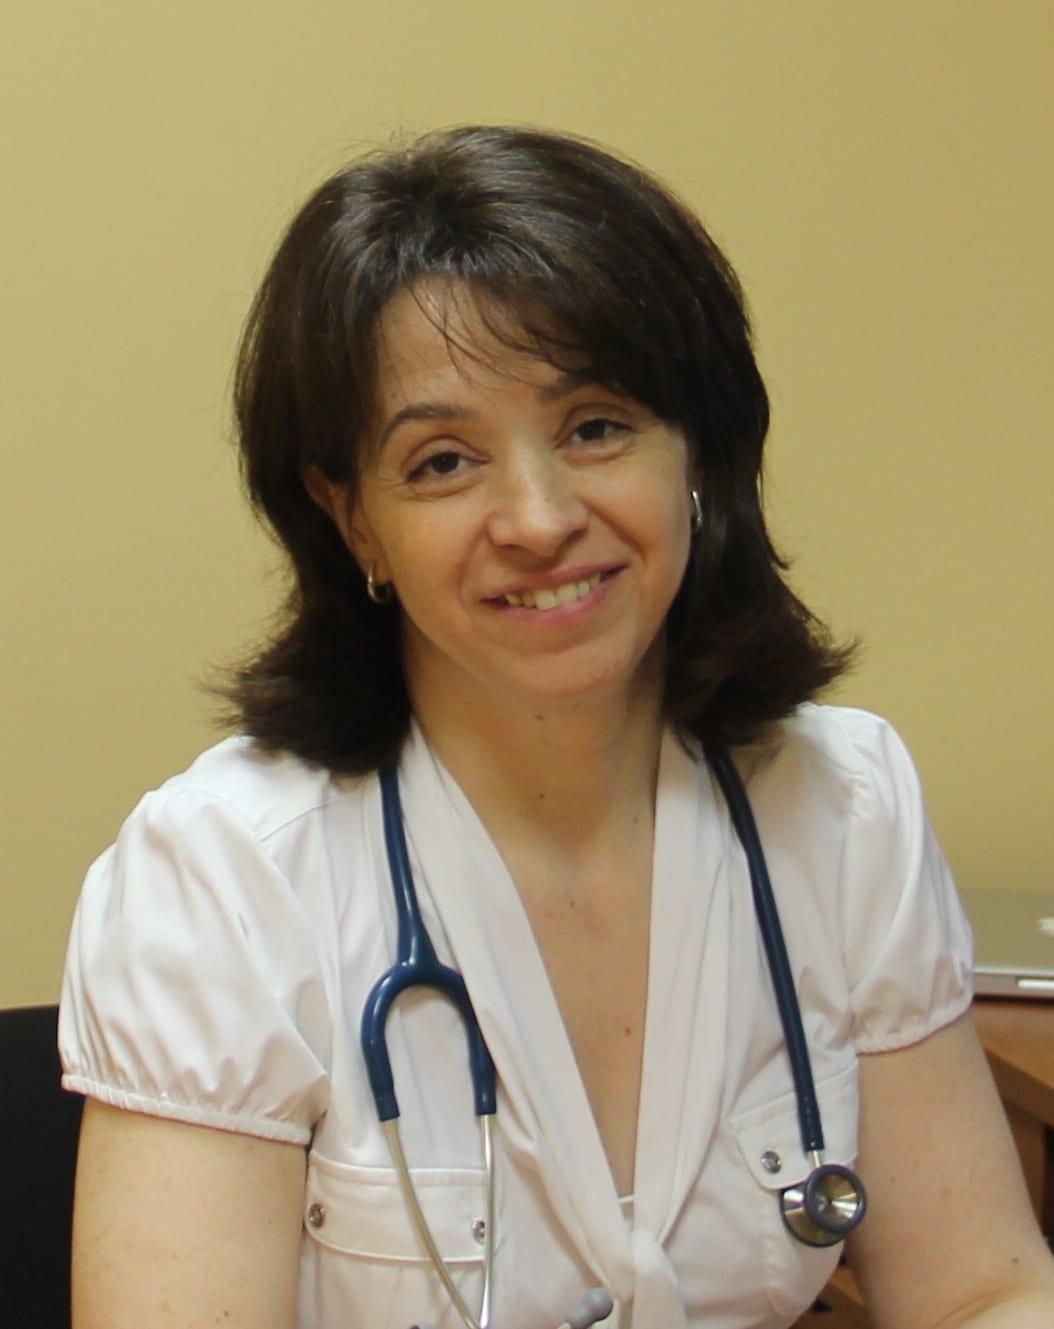 Dr. Dorina Halifman MD